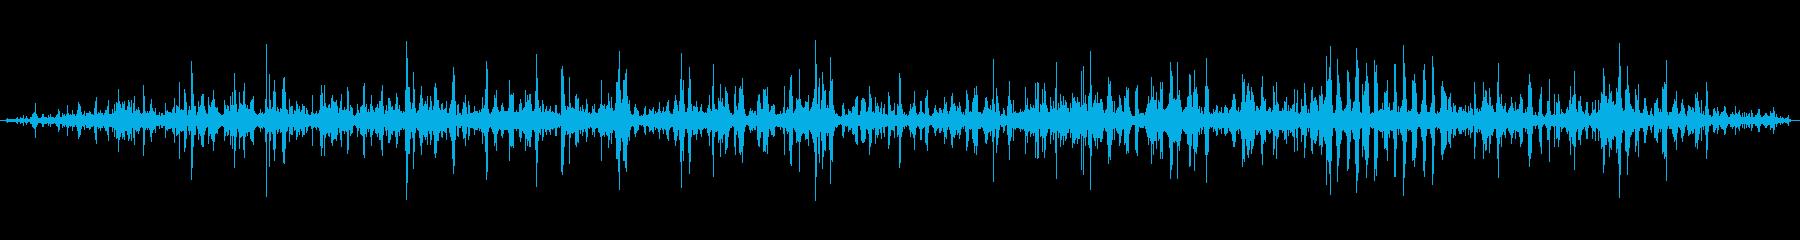 [ASMR]波打ち際の音_002の再生済みの波形